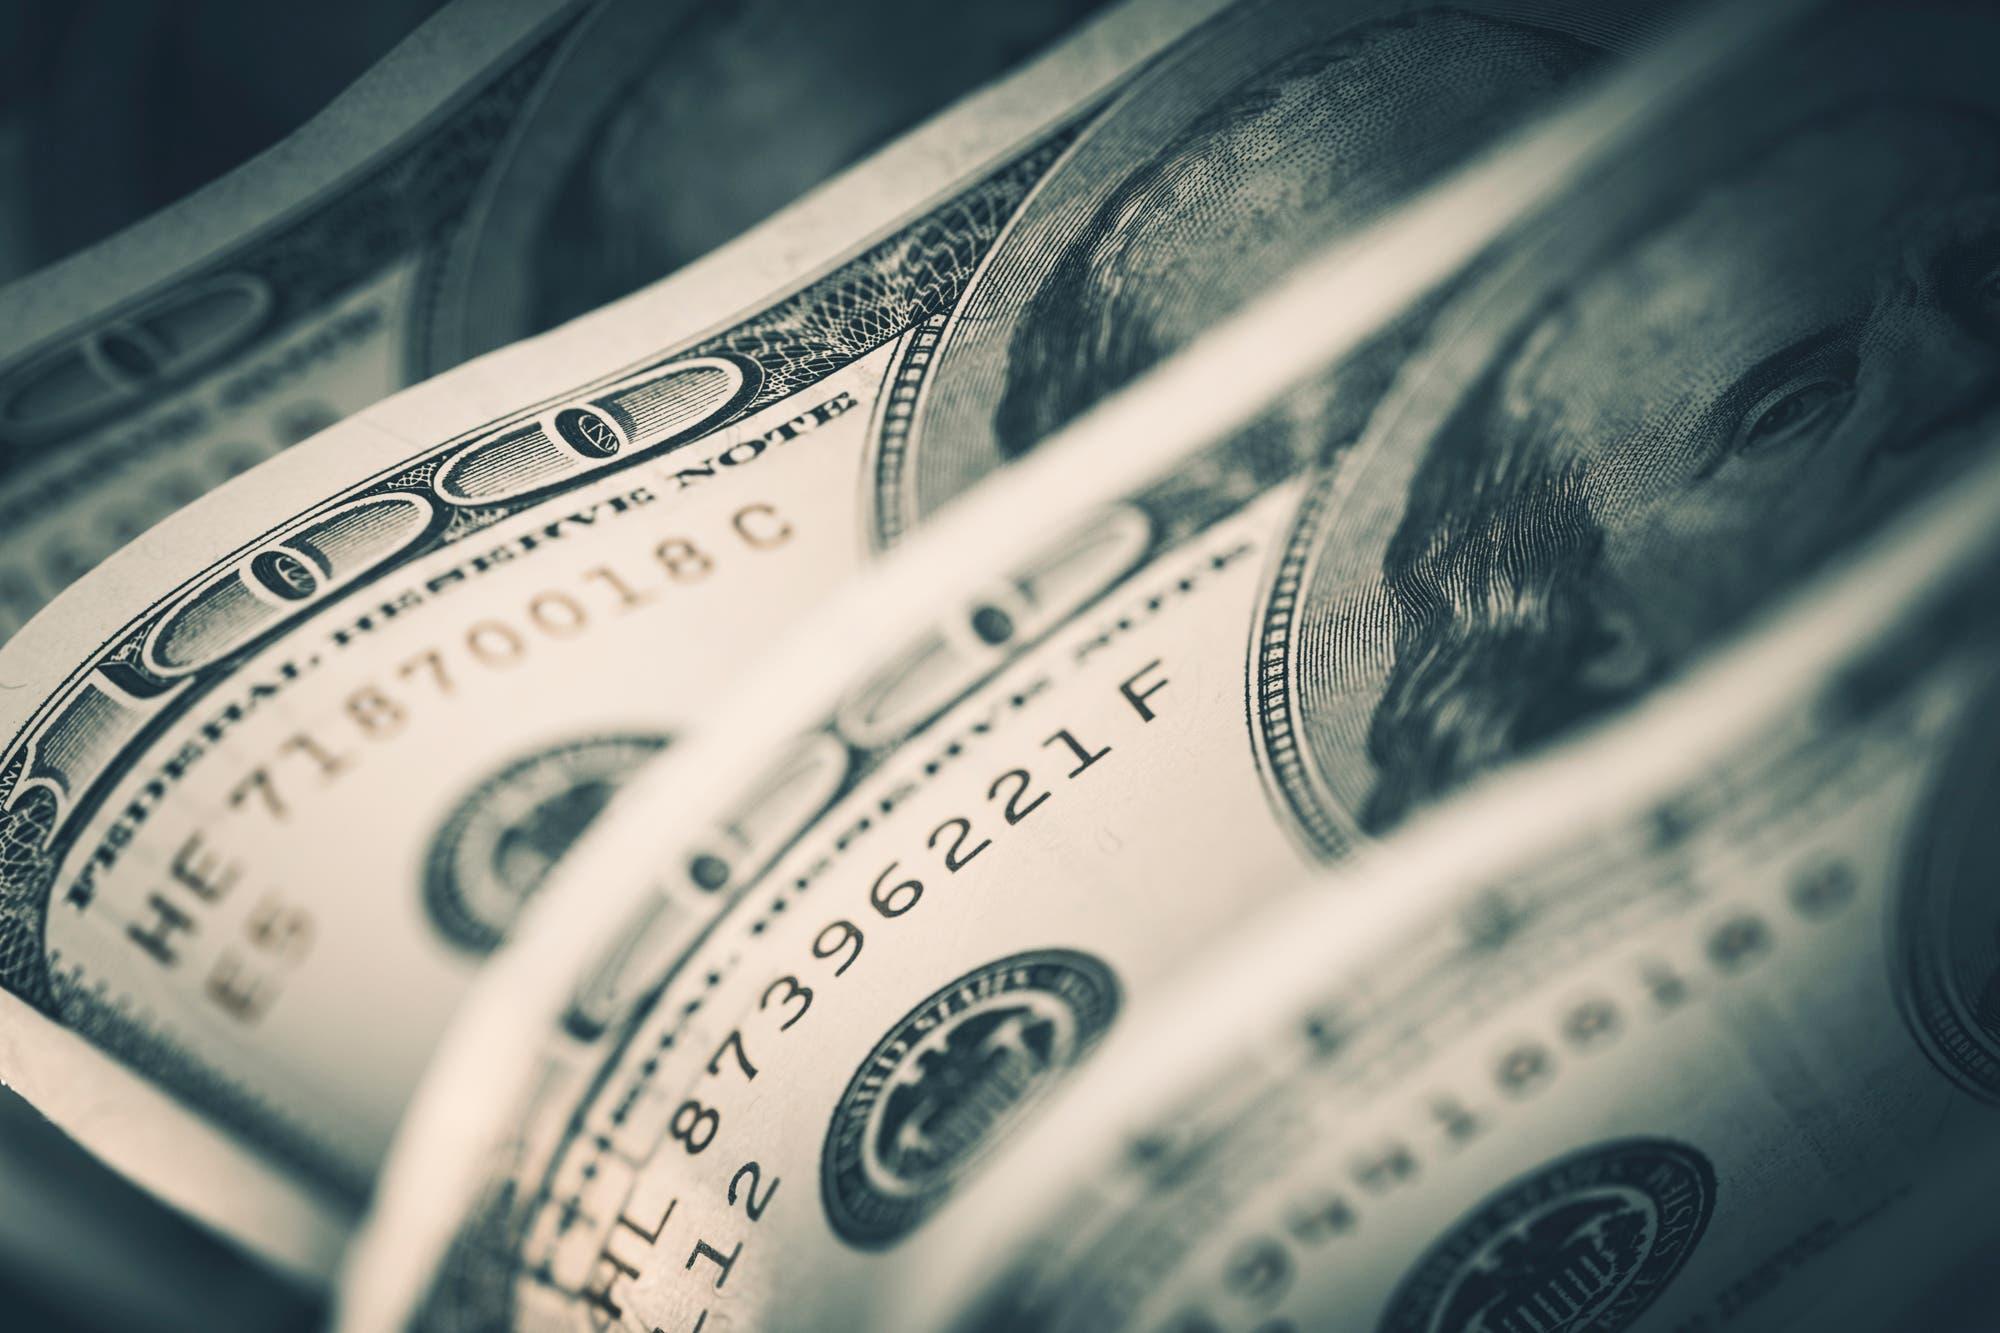 El dólar oficial retrocede, pero el riesgo país vuela